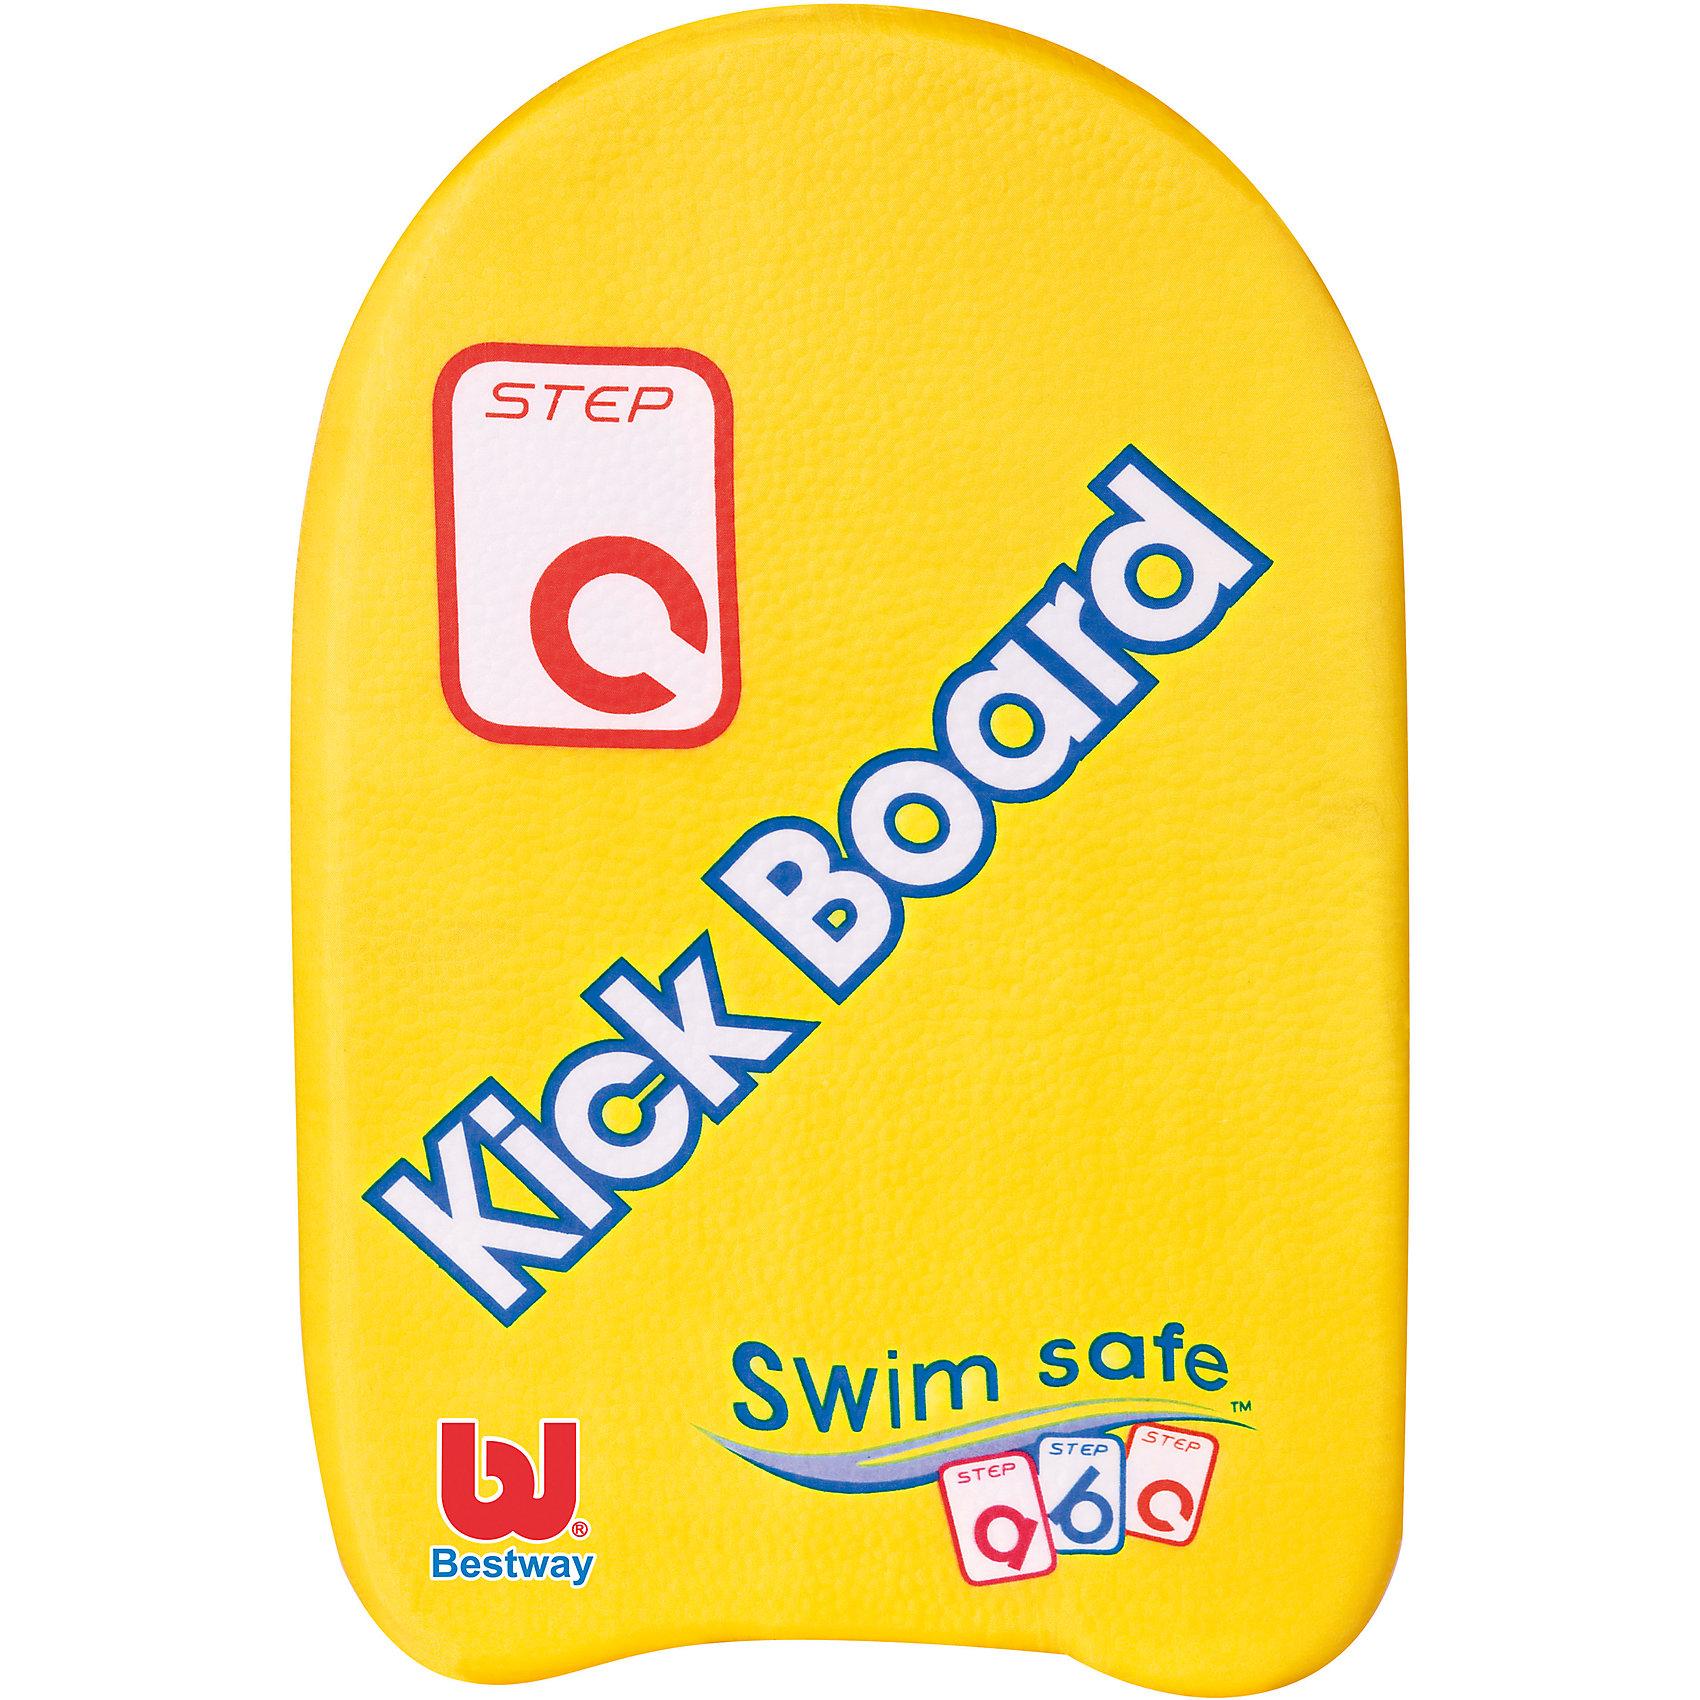 Доска для плавания Swim Safe, ступень С,  BestwayКруги и нарукавники<br>Характеристики товара:<br><br>• материал: высокоплотный пенопласт<br>• цвет: желтый<br>• размер: 43х30 см<br>• легкий материал<br>• для начинающих плавать<br>• прочный материал <br>• яркие цвета<br>• хорошо заметна на воде<br>• возраст: от 3 до 6 лет<br>• страна бренда: США, Китай<br>• страна производства: Китай<br><br>Это отличный способ научить малышей плавать и обеспечить детям веселое времяпровождение! Доска поможет ребенку больше двигаться и поддерживать хорошую физическую форму.<br><br>Предмет сделан из прочного материала, но очень легкого - доска отлично держится на воде. Предмет легкий, его удобно брать с собой. Изделия произведены из качественных и безопасных для детей материалов.<br><br>Доска для плавания Swim Safe, ступень С, от бренда Bestway (Бествей) можно купить в нашем интернет-магазине.<br><br>Ширина мм: 430<br>Глубина мм: 300<br>Высота мм: 40<br>Вес г: 105<br>Возраст от месяцев: 36<br>Возраст до месяцев: 72<br>Пол: Унисекс<br>Возраст: Детский<br>SKU: 4051653